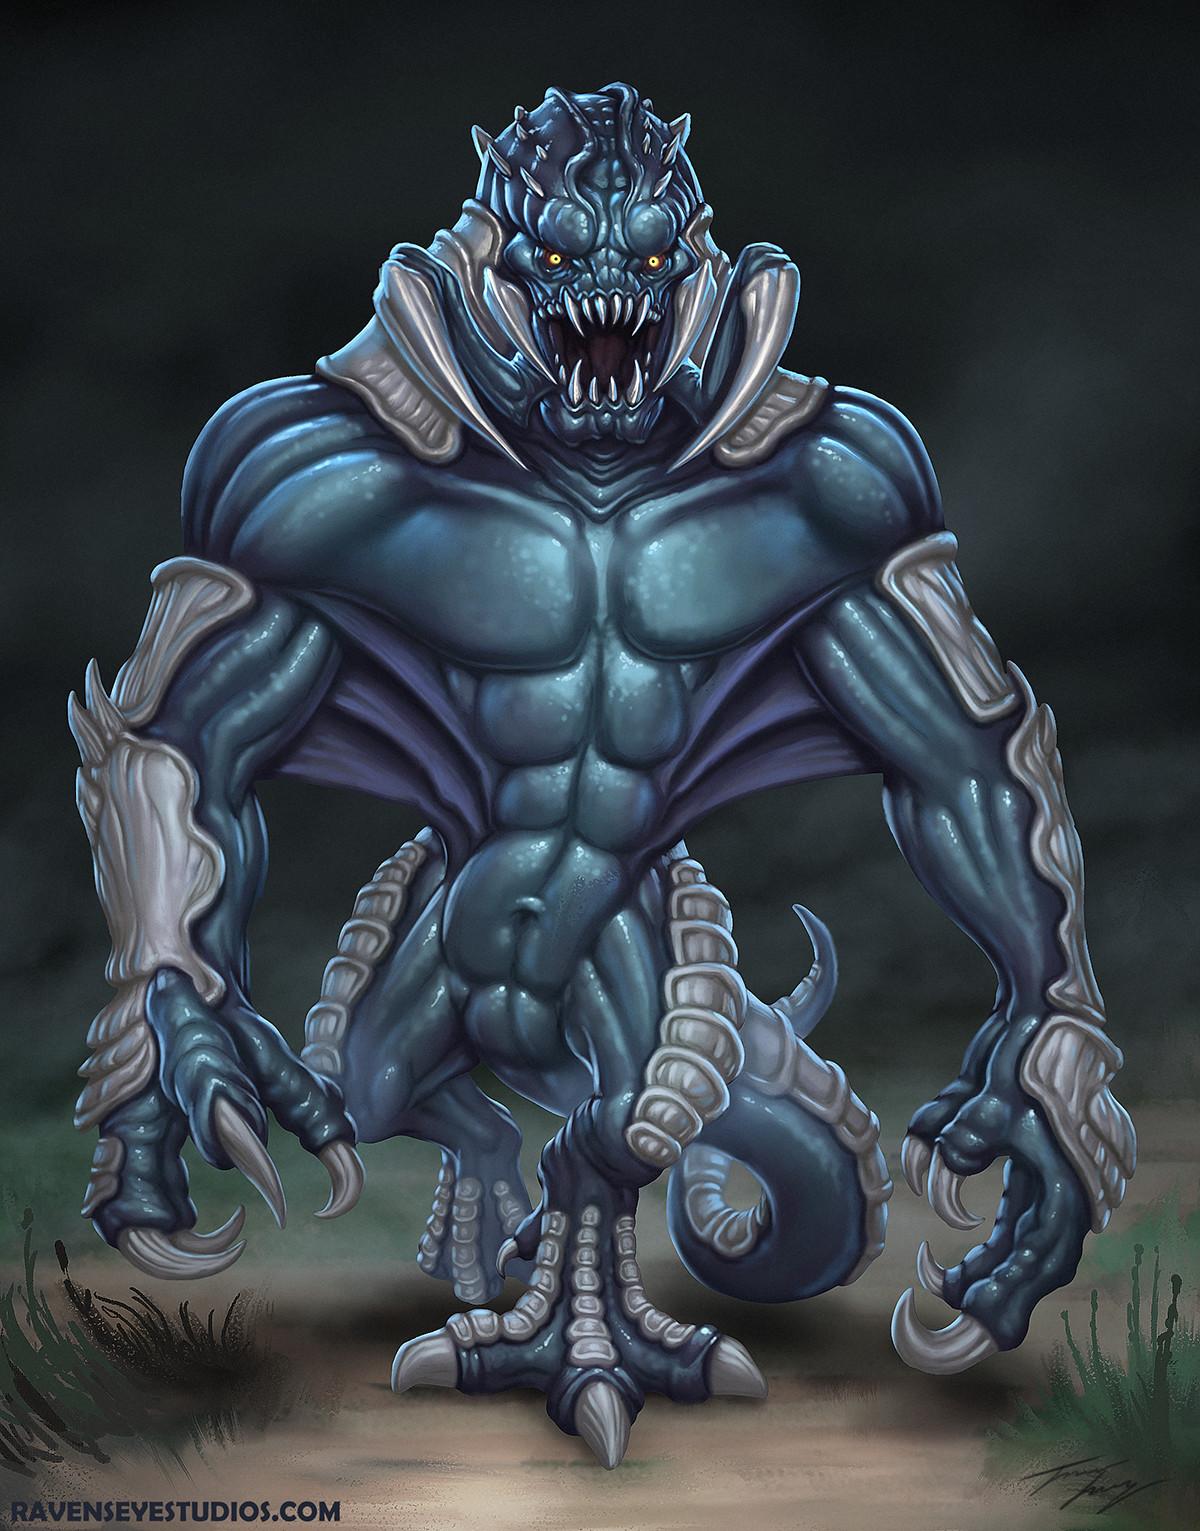 Hulking creature